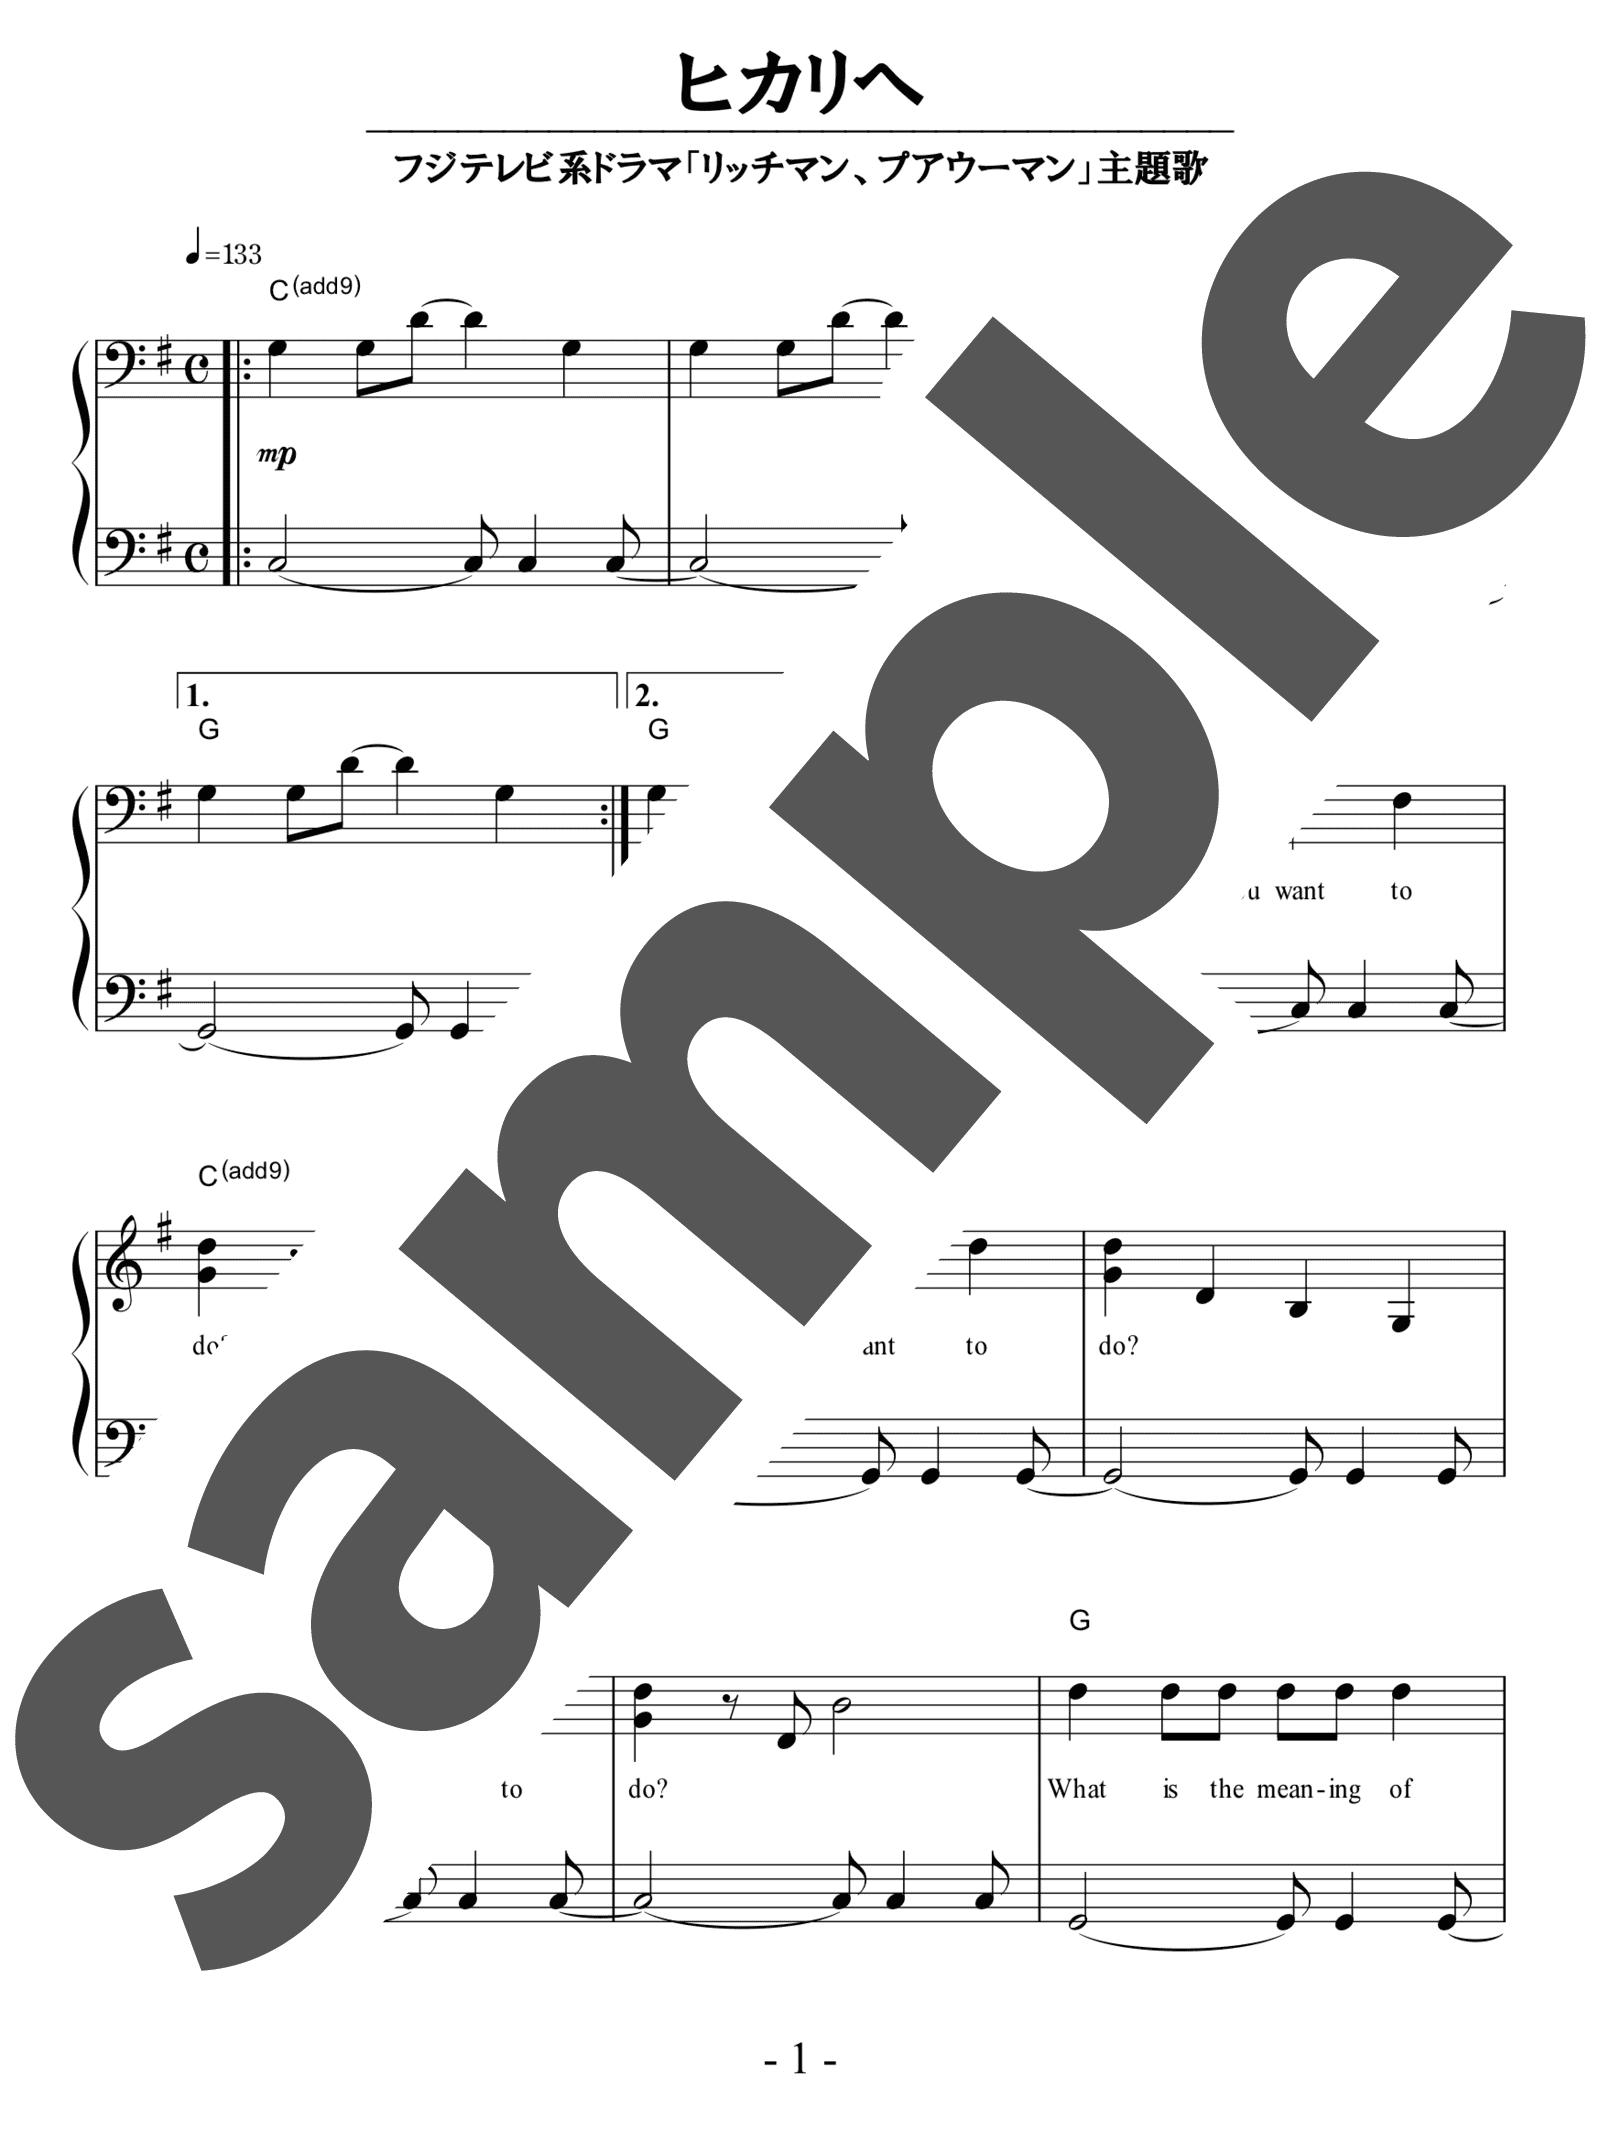 「ヒカリへ」のサンプル楽譜